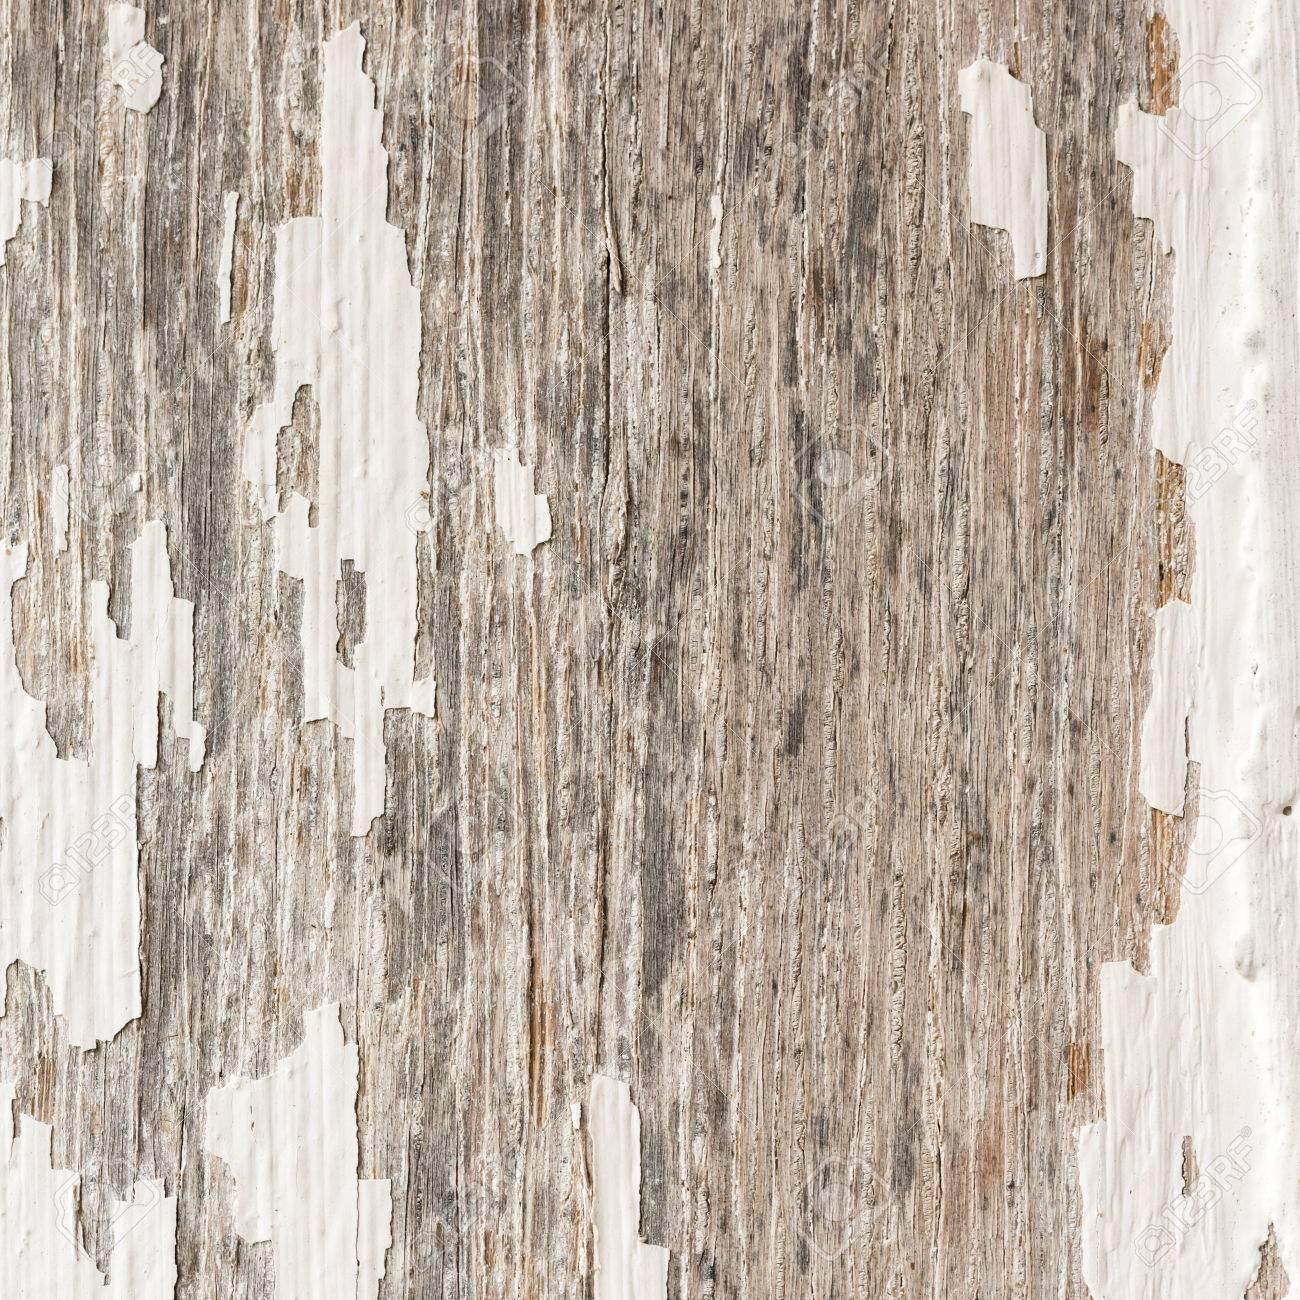 Patine Blanche Sur Bois fond de bois de bois patiné rustique vieilli avec de la peinture blanche  fanée bois montrant la texture.